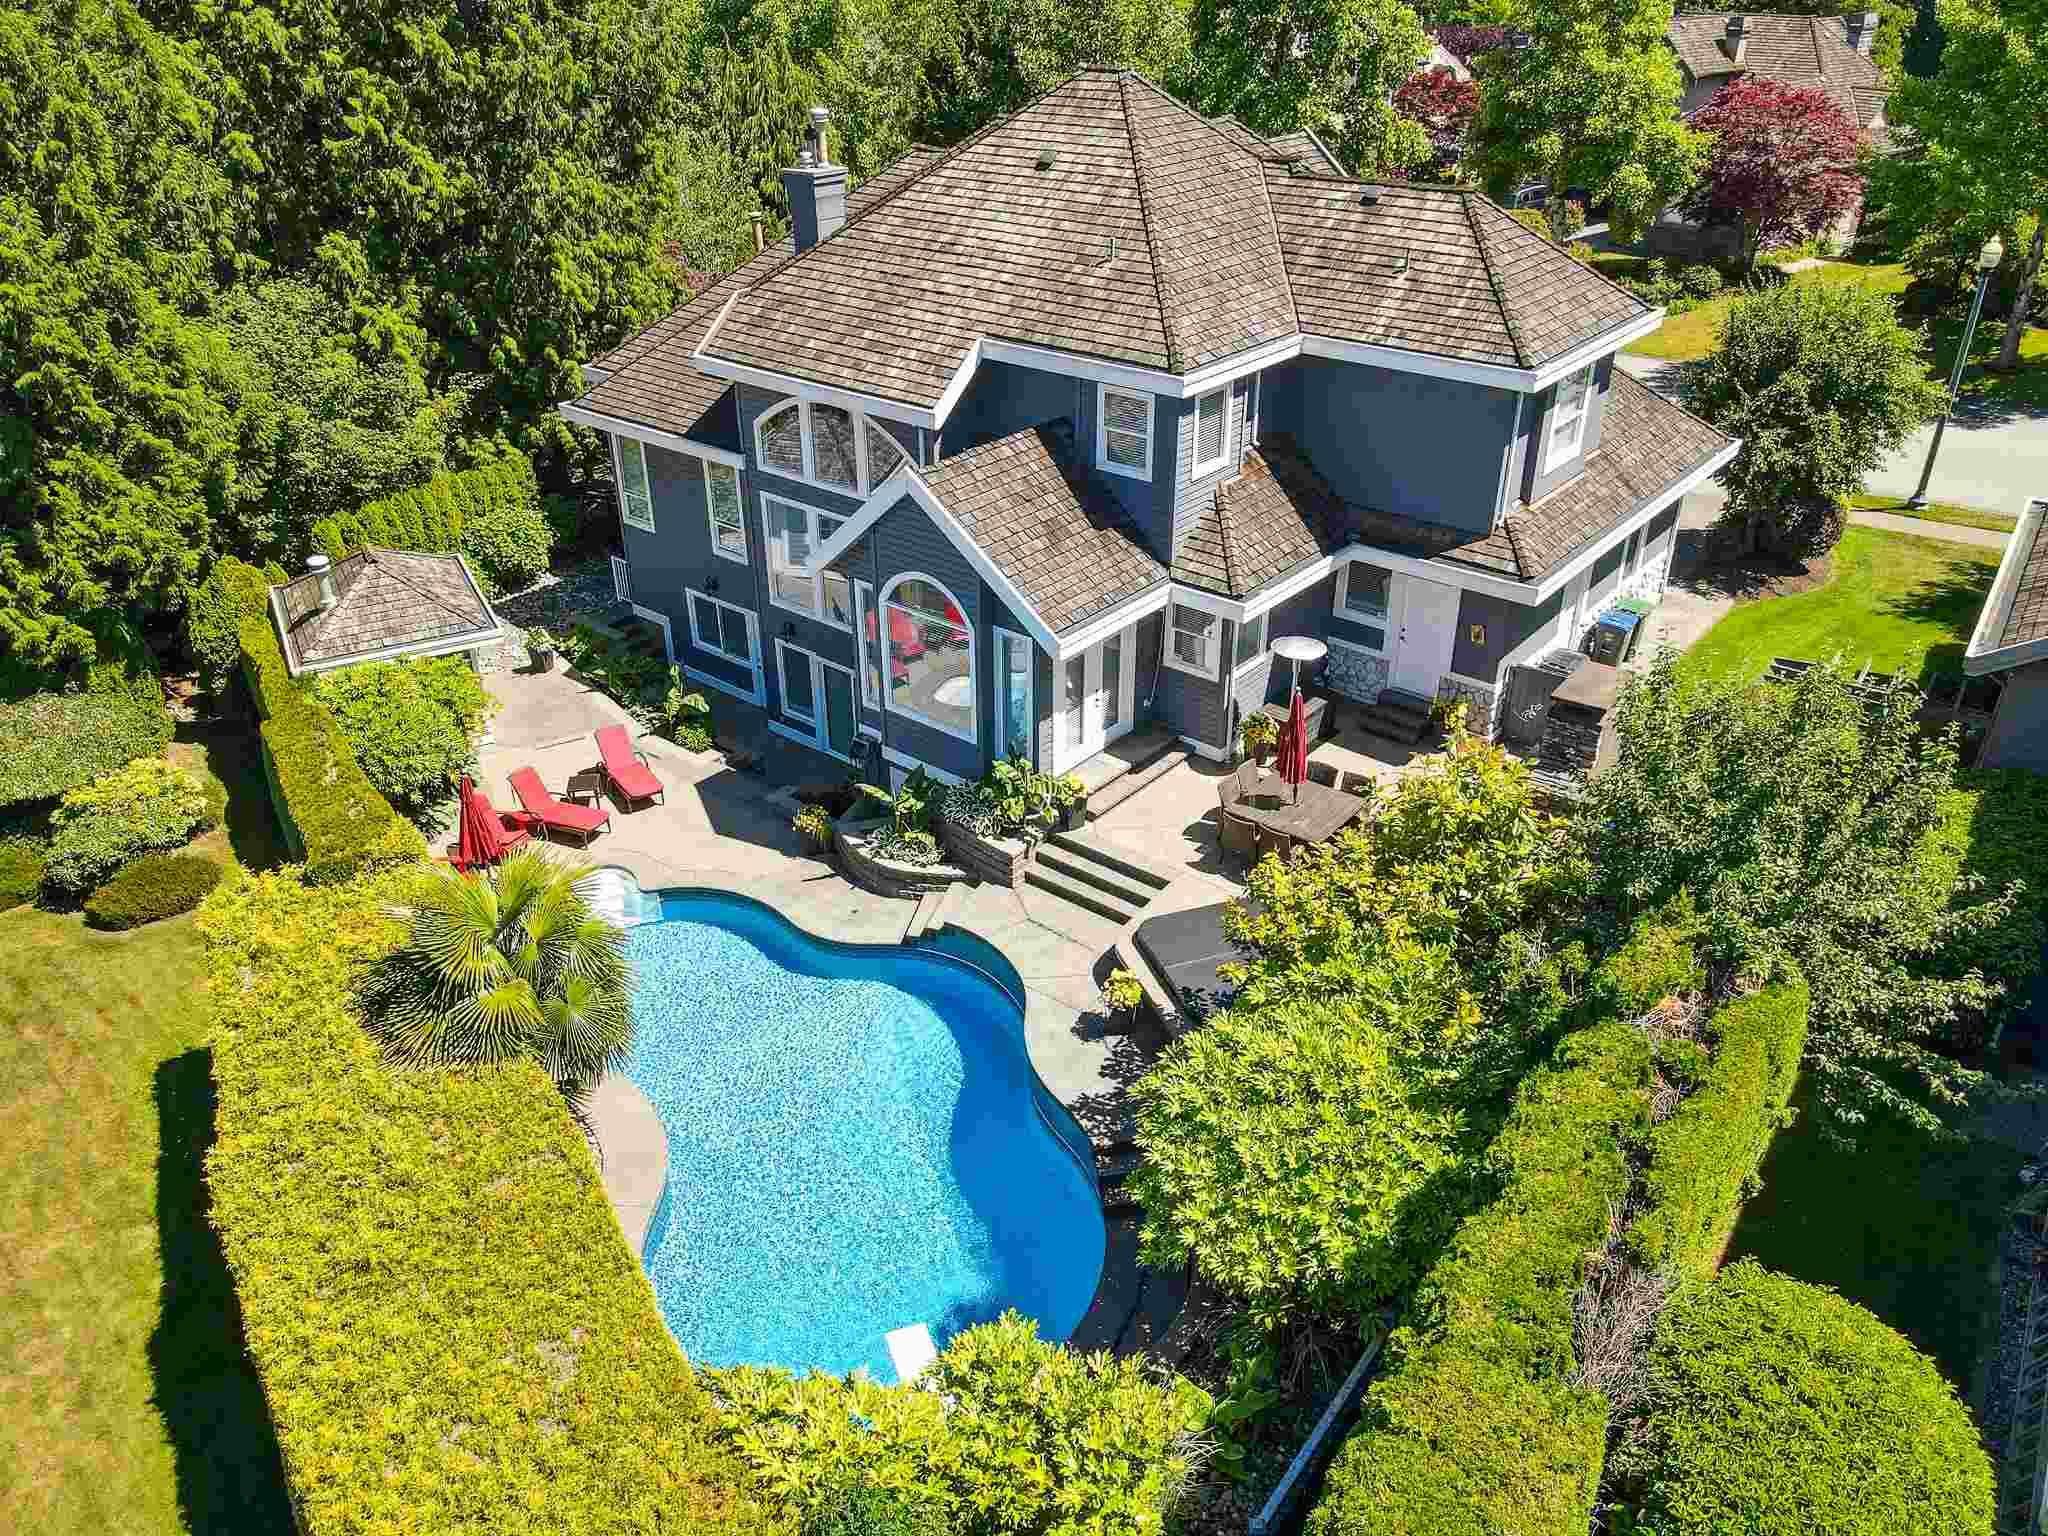 """Main Photo: 3563 MORGAN CREEK Way in Surrey: Morgan Creek House for sale in """"Morgan Creek"""" (South Surrey White Rock)  : MLS®# R2543355"""